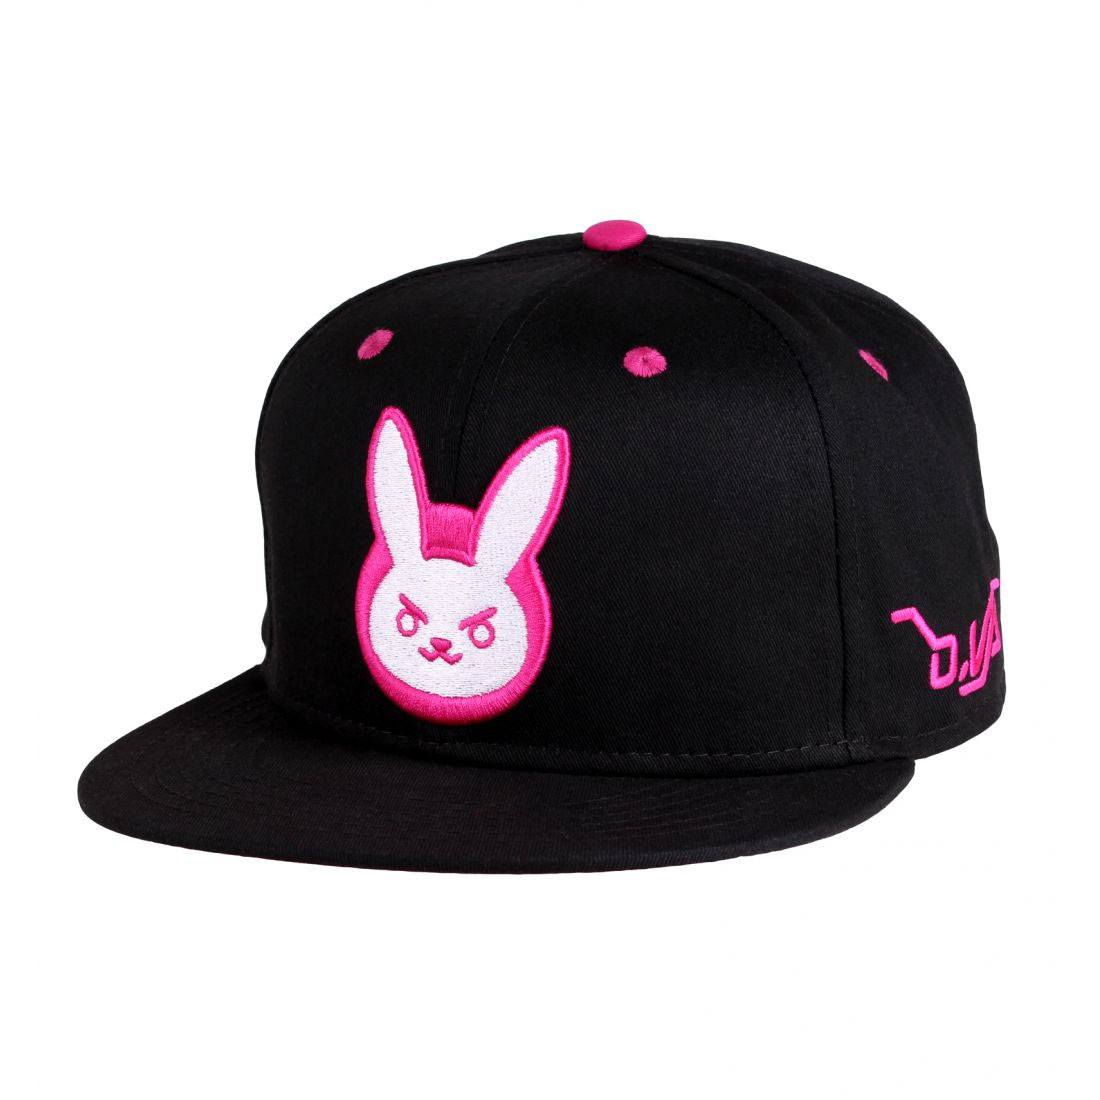 Overwatch Baseball Cap D.Va Pink Bunny